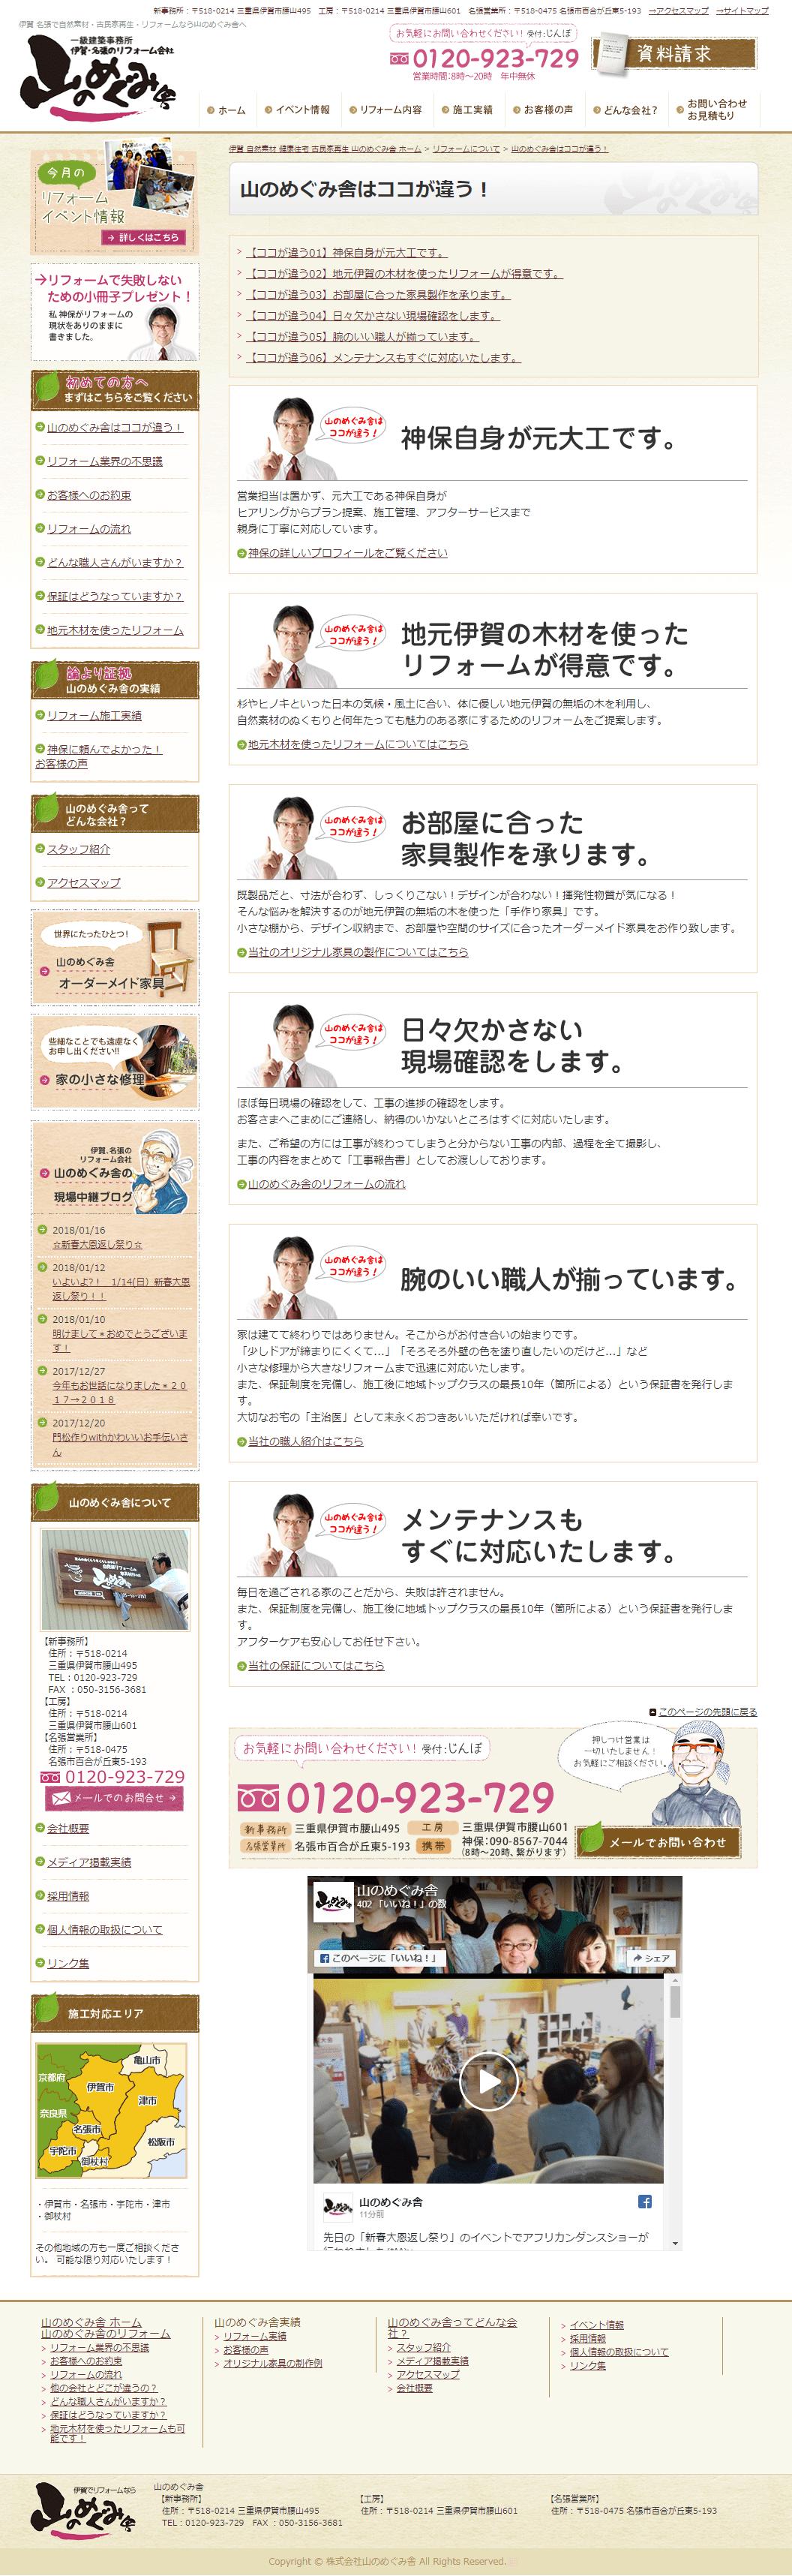 伊賀市 山のめぐみ舎様 ホームページ制作2